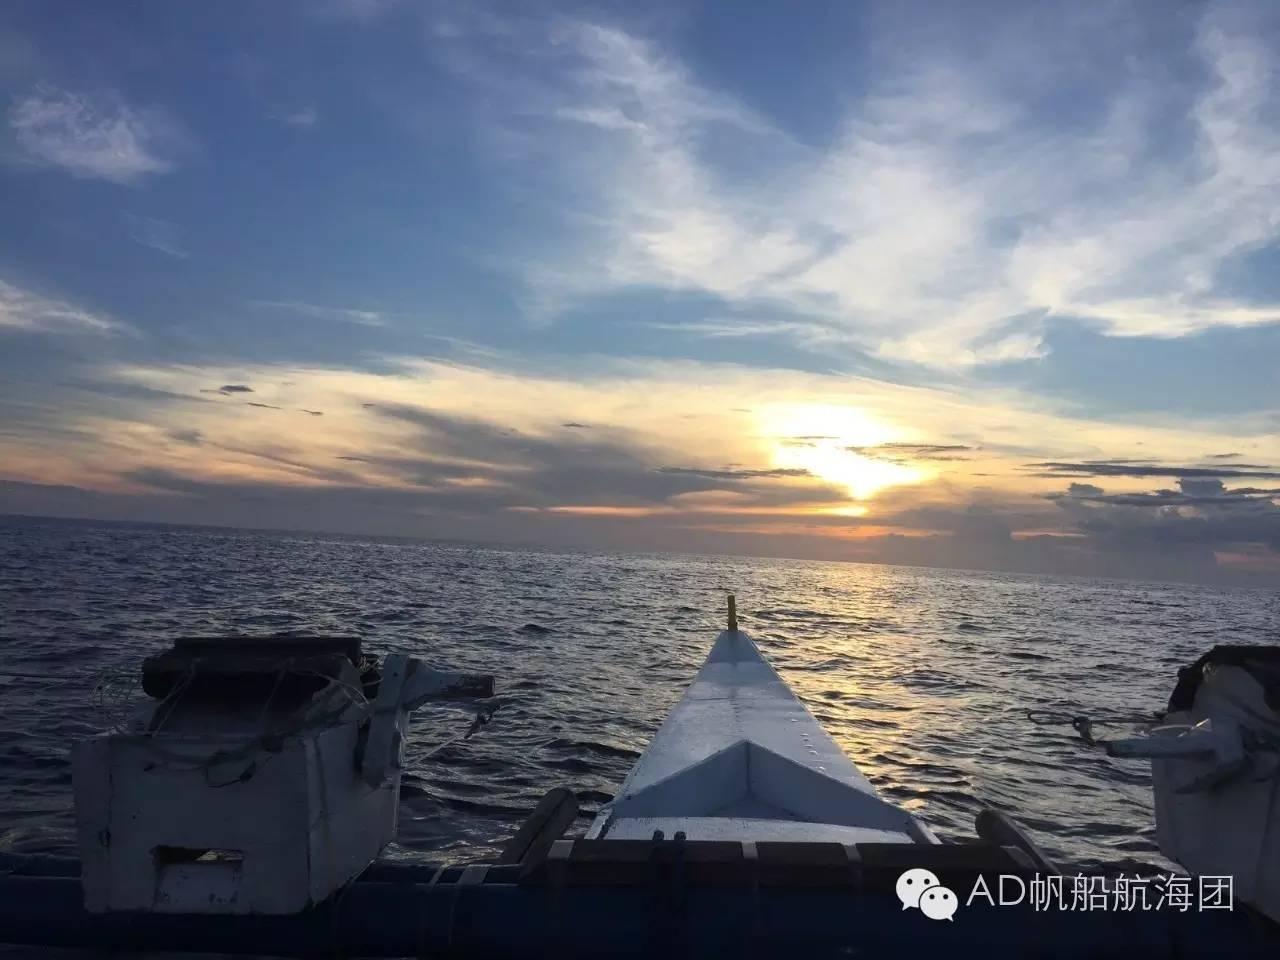 帆船游记二十三:甘米银岛夜捕金枪鱼 f372a9a3018a252c7986f24919c8ace6.jpg